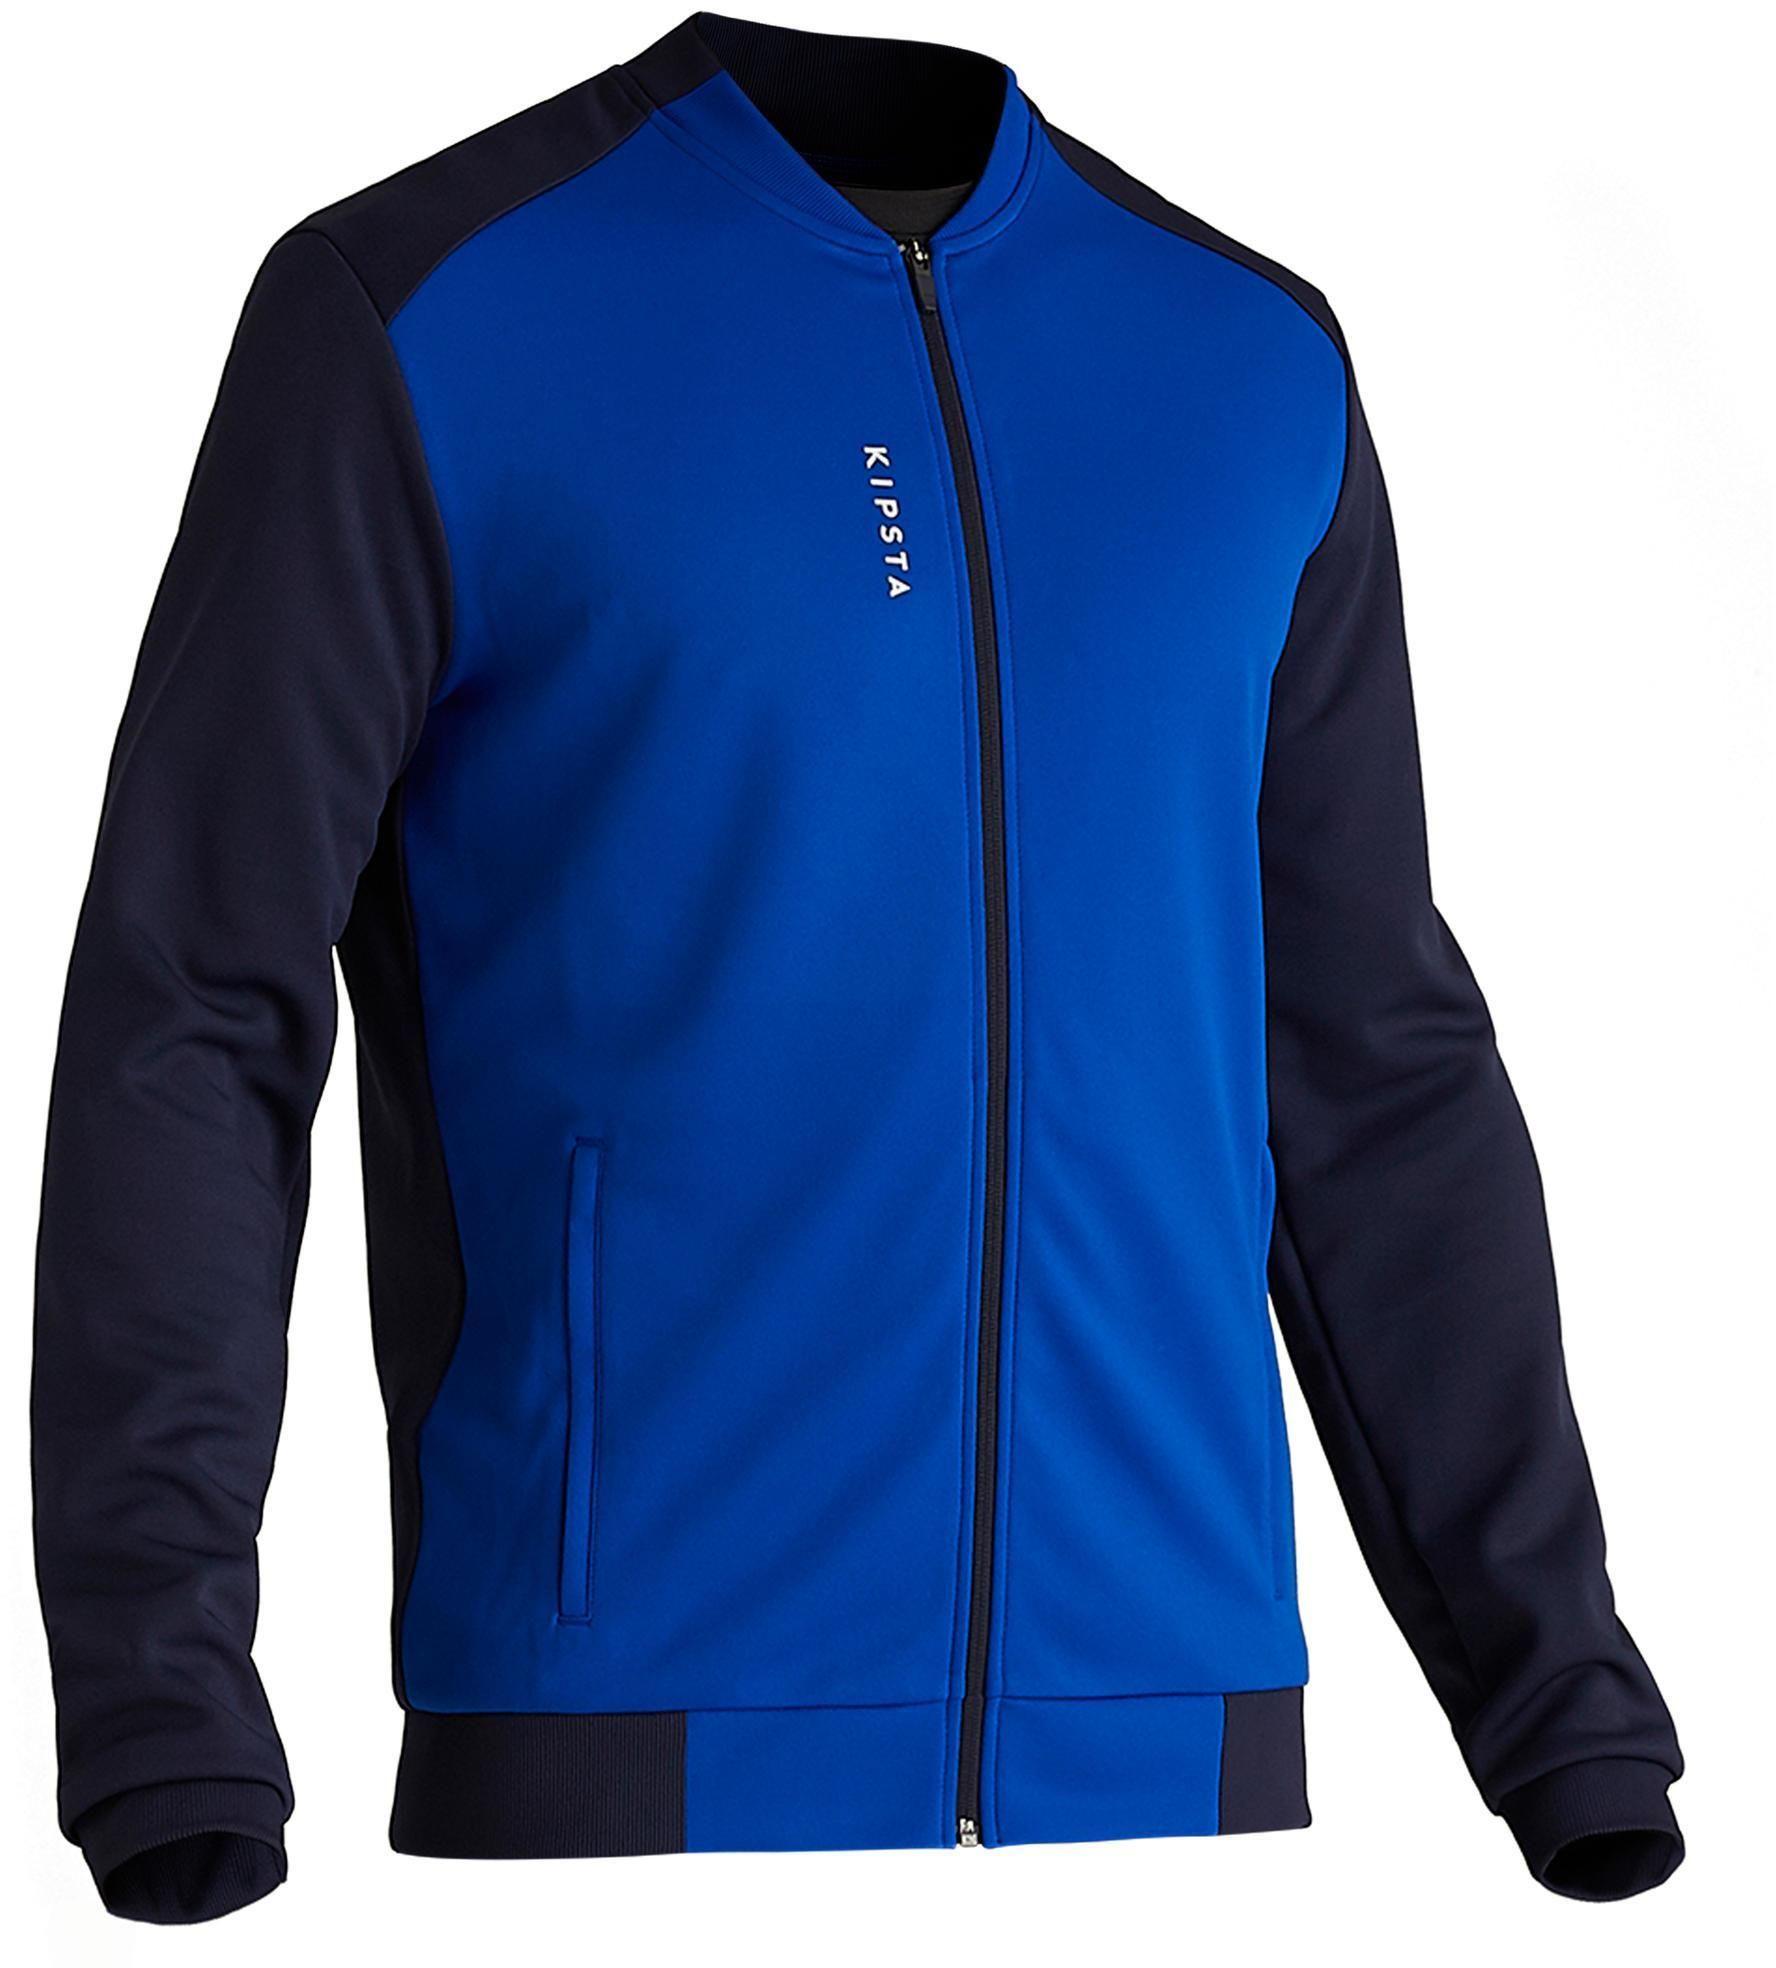 Bluza piłkarska dla dorosłych Kipsta T100